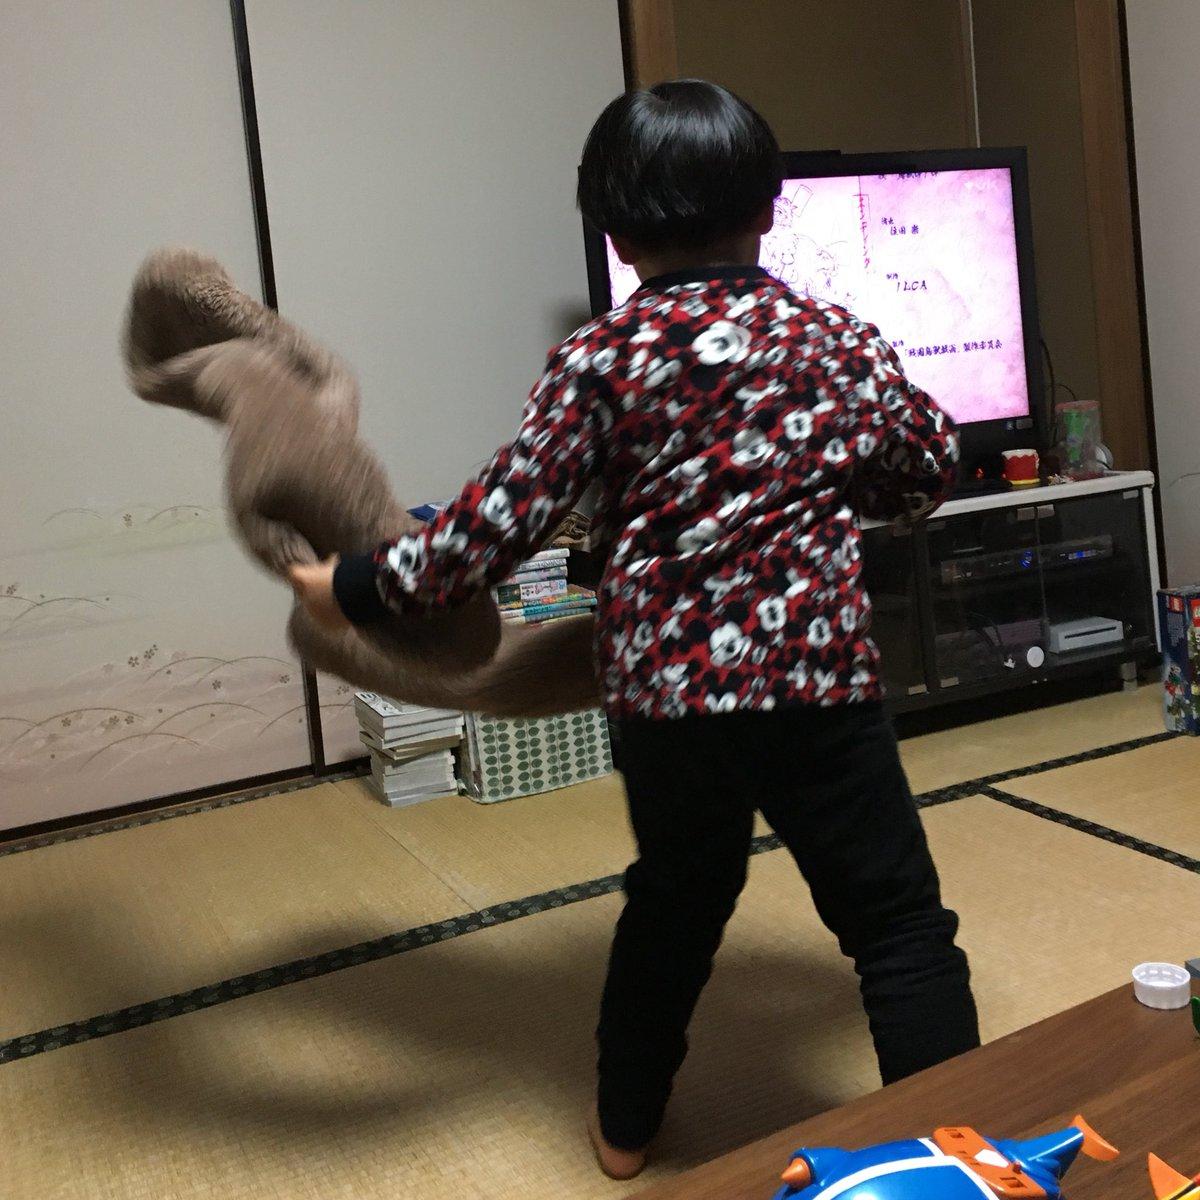 「戦国鳥獣戯画」のエンディングのオタ芸を、ヒトのモコモコ靴下を使って踊りまくる4歳児。